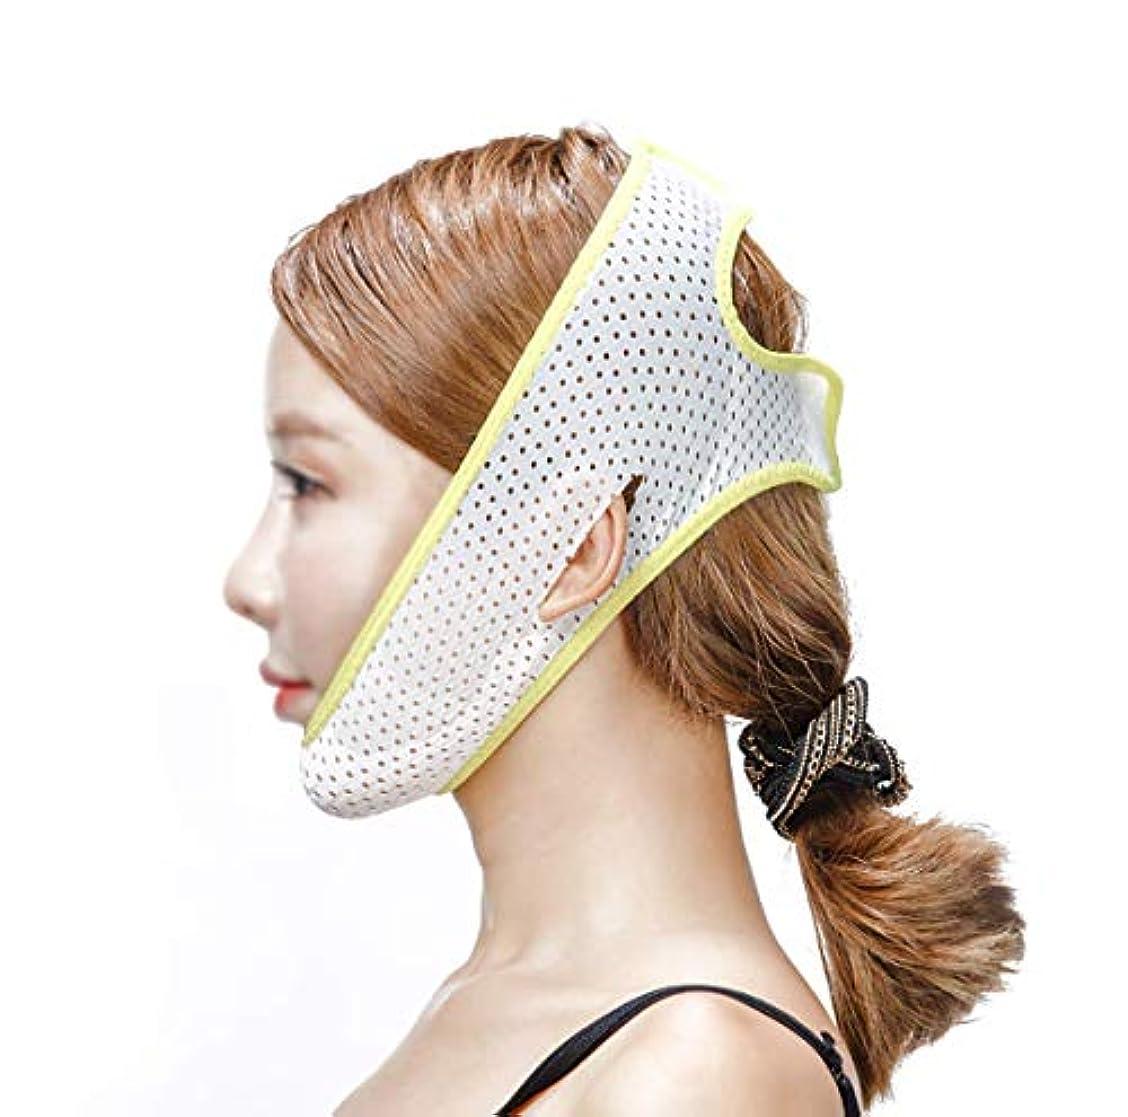 退院いろいろ座標フェイスリフトマスク、あごストラップ回復包帯睡眠薄いフェイス包帯薄いフェイスマスクフェイスリフトアーチファクトフェイスリフトで小さいV顔を強化する美容マスク包帯(色:黄色と白)